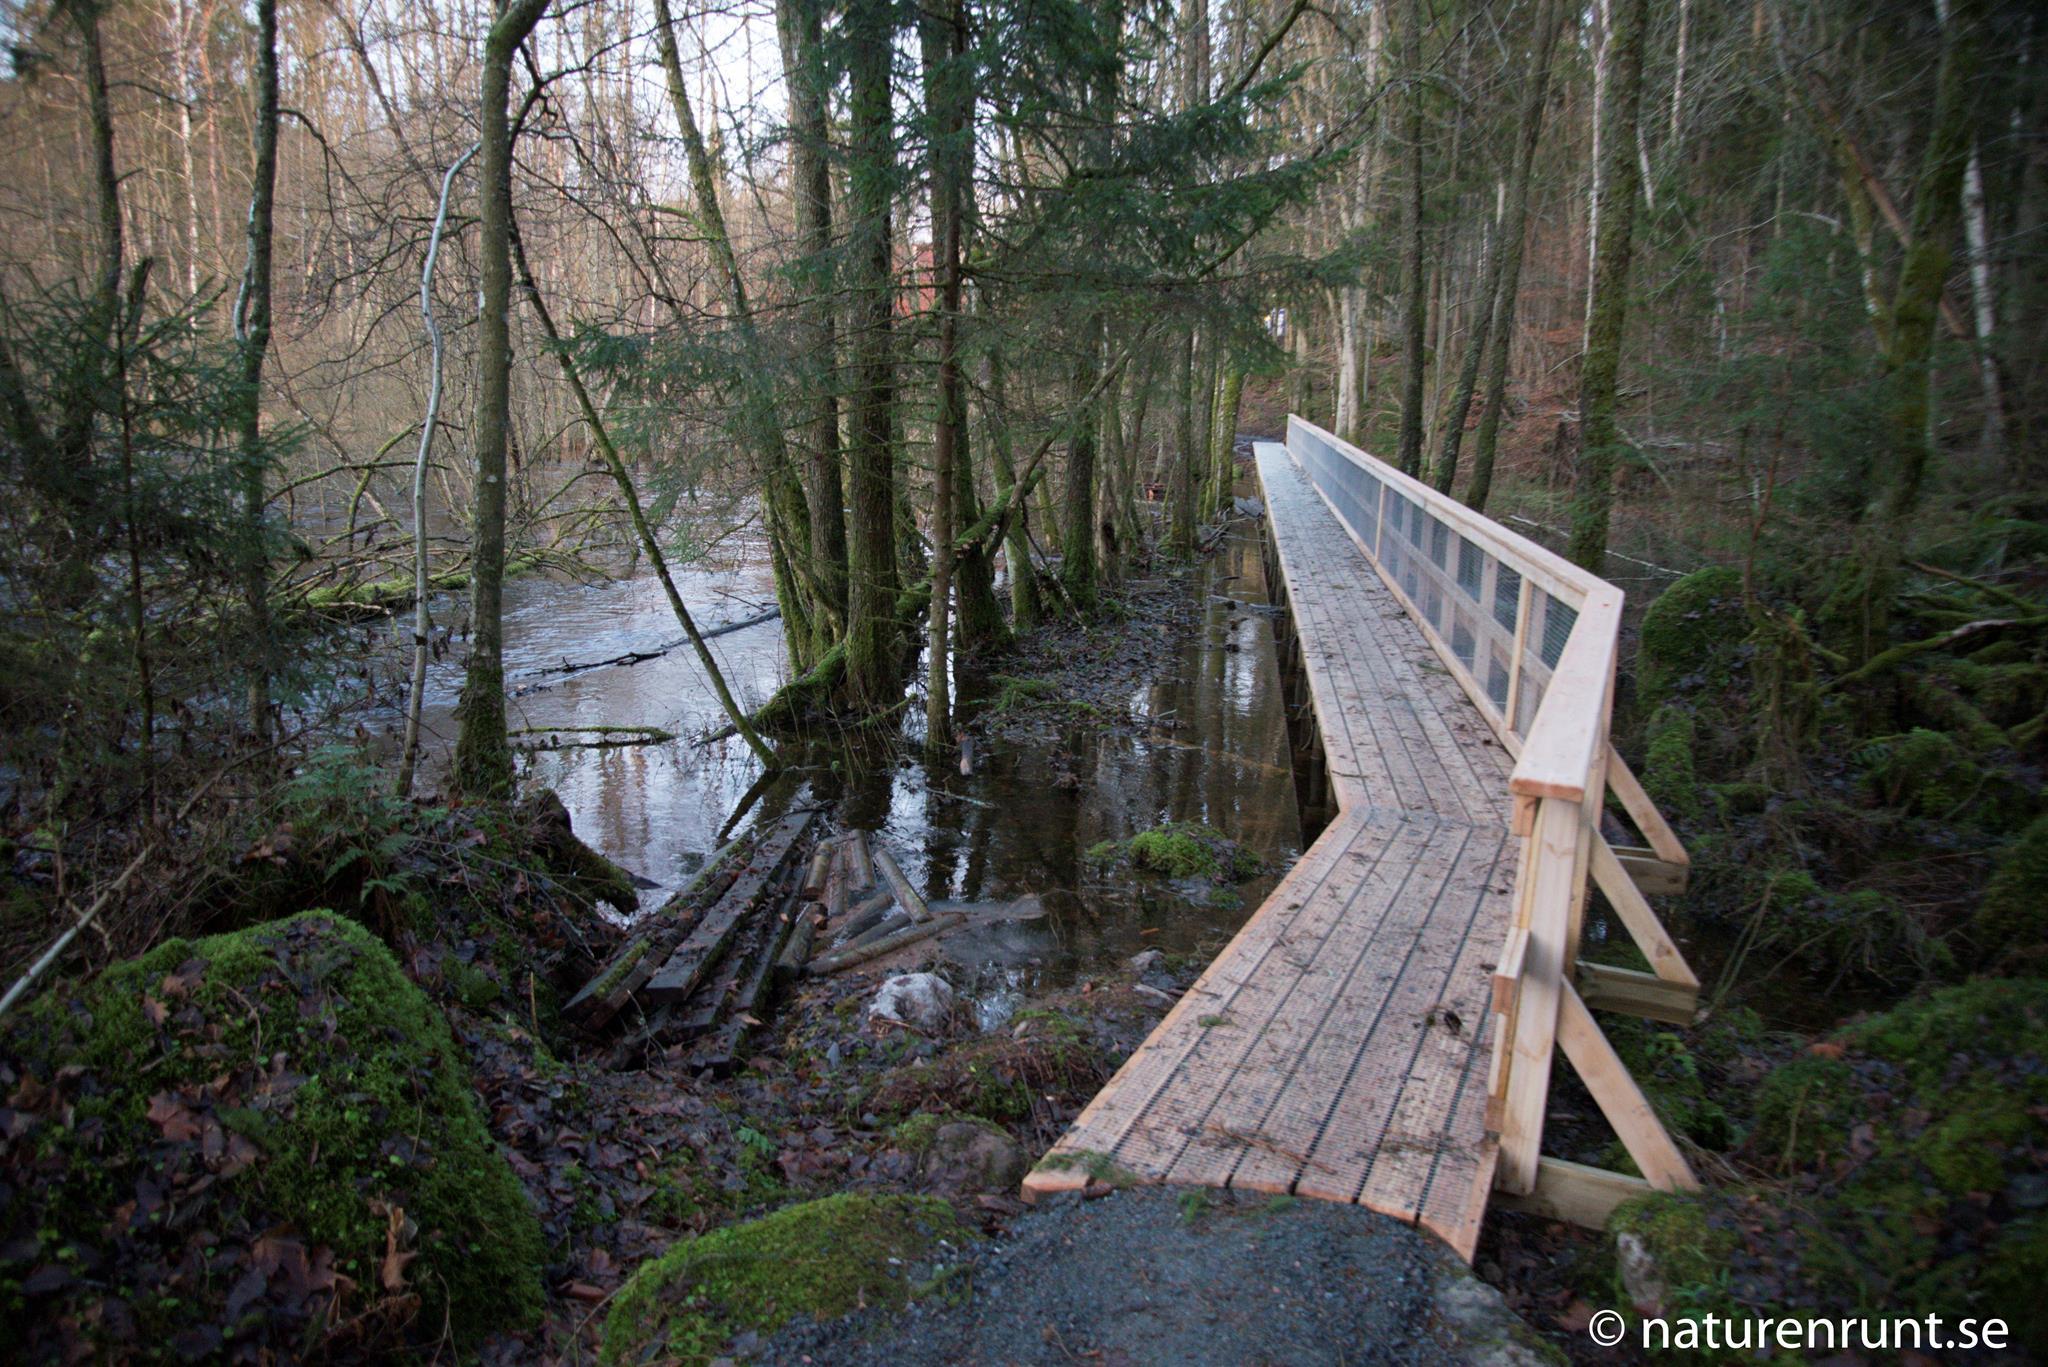 Spänger - Det är lättvandrat med nya broar över de våta partierna